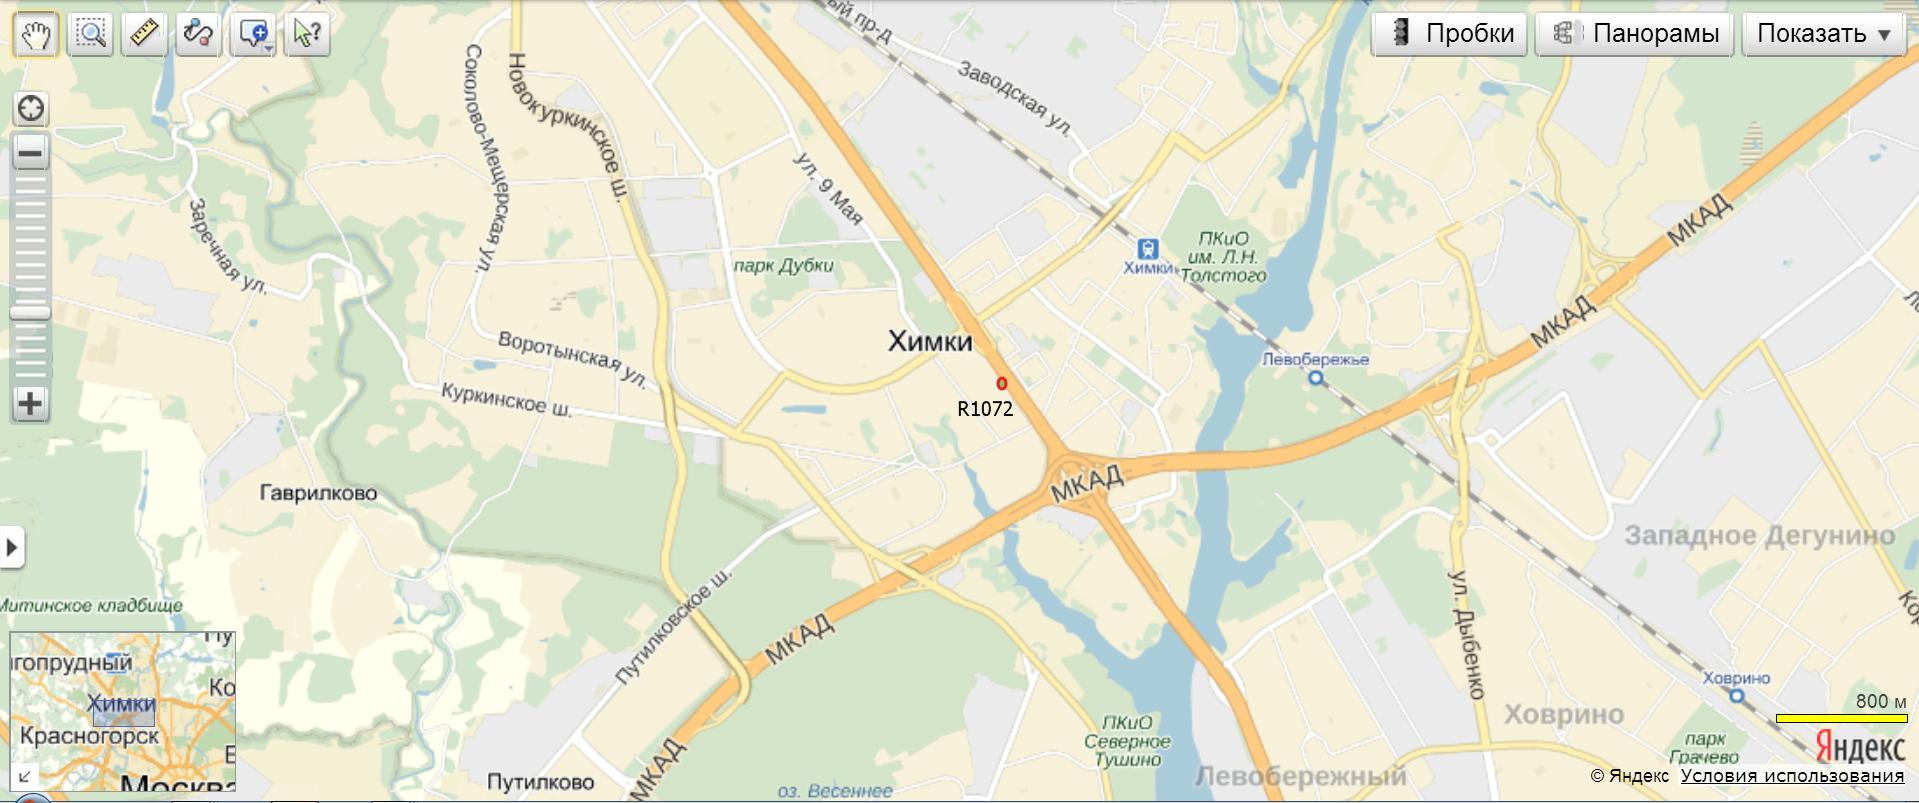 Химкинский район международное шоссе 26 схема